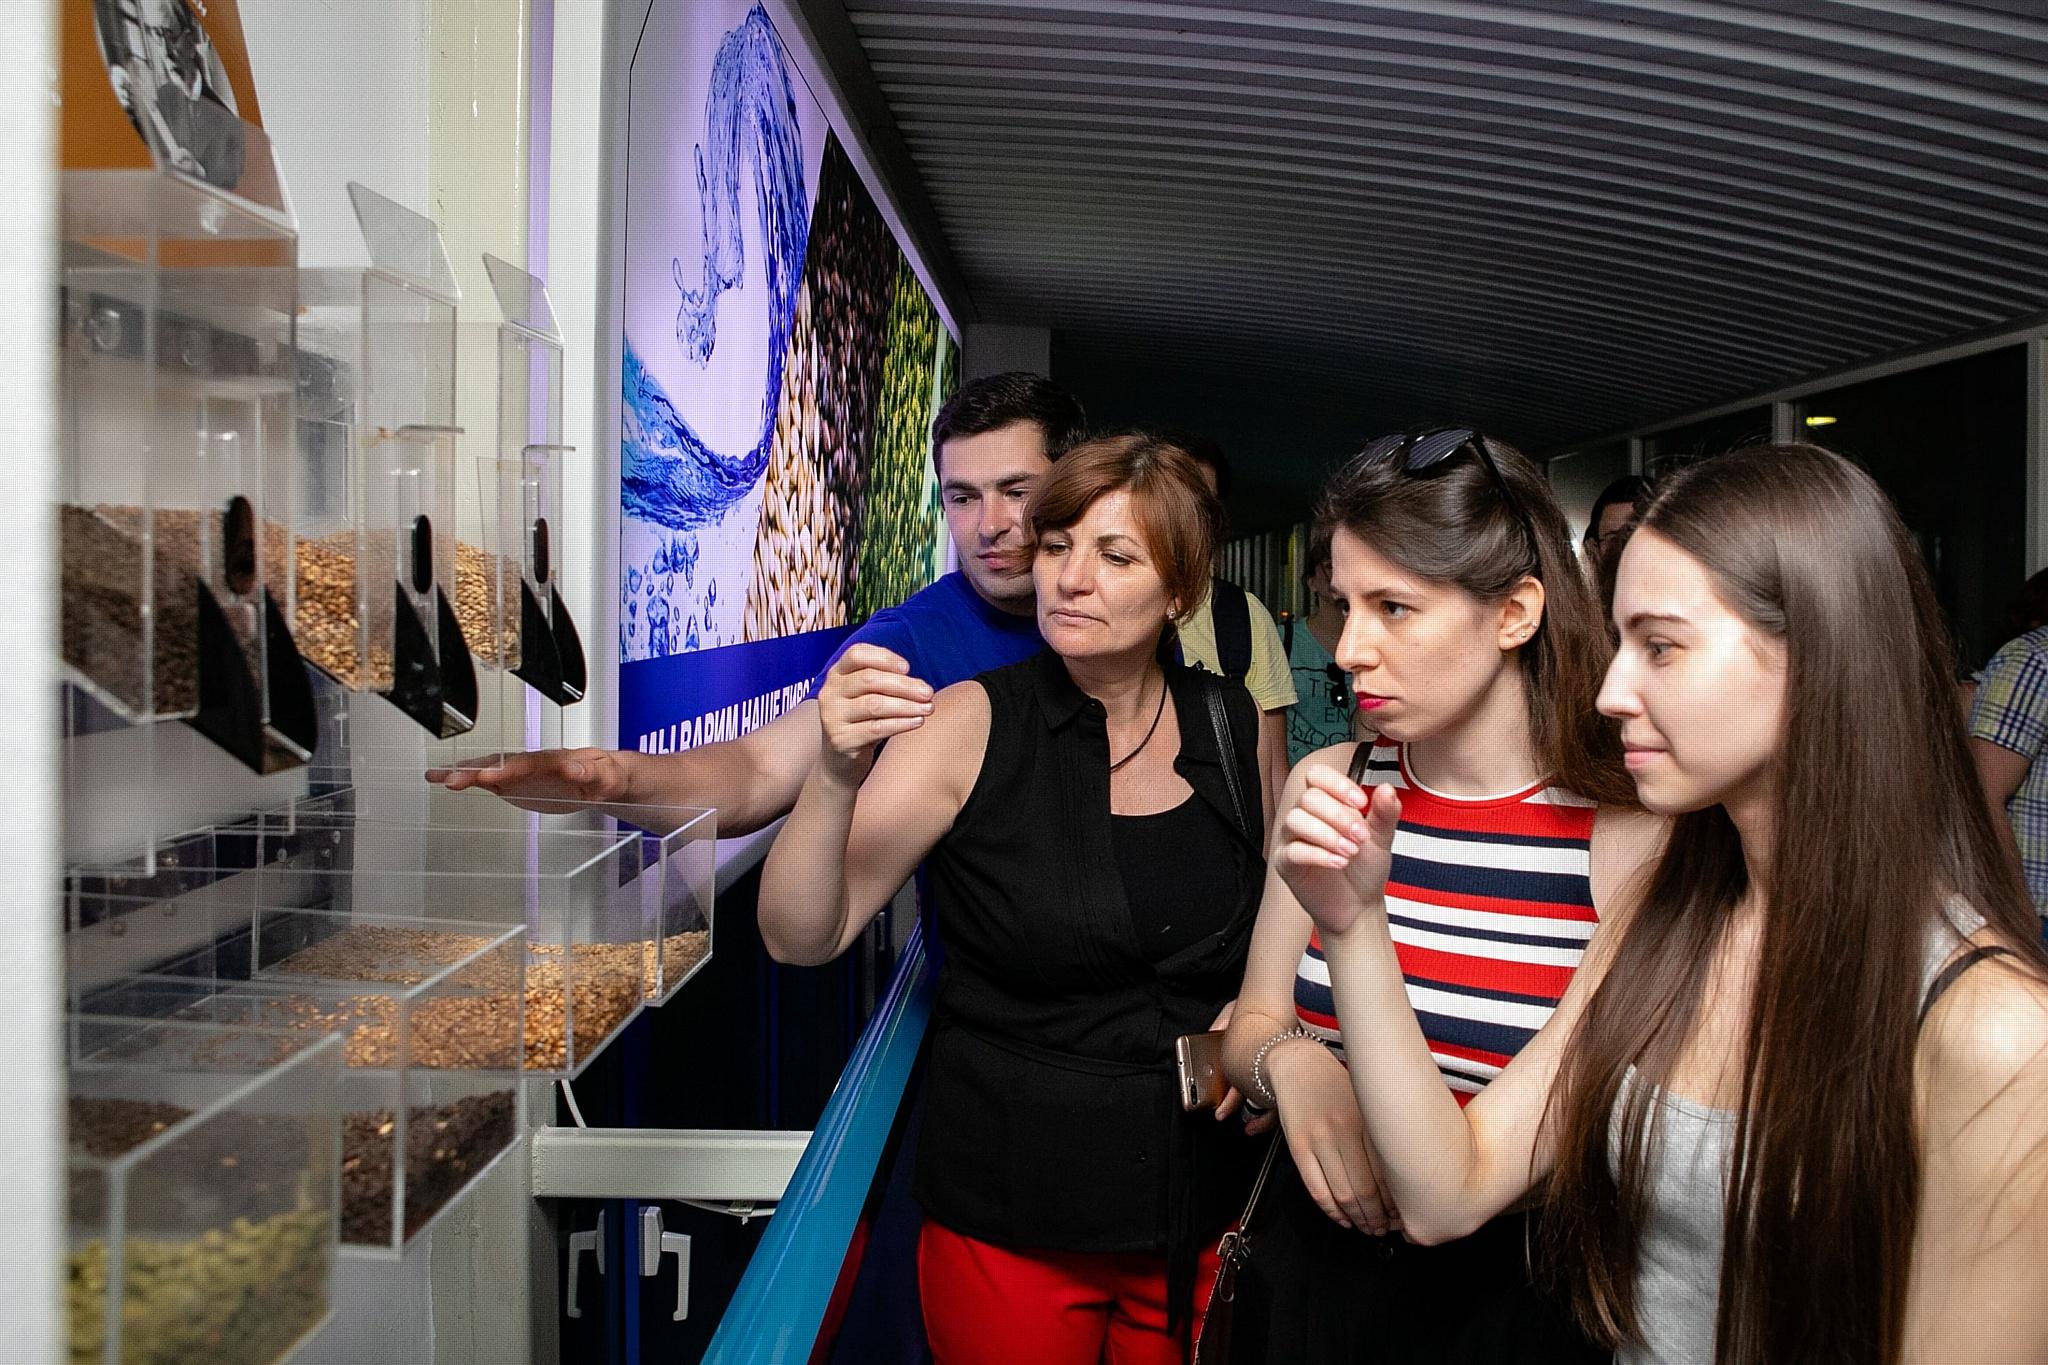 Более полусотни человек отпраздновали Международный день пива на «Балтике» в Новосибирске